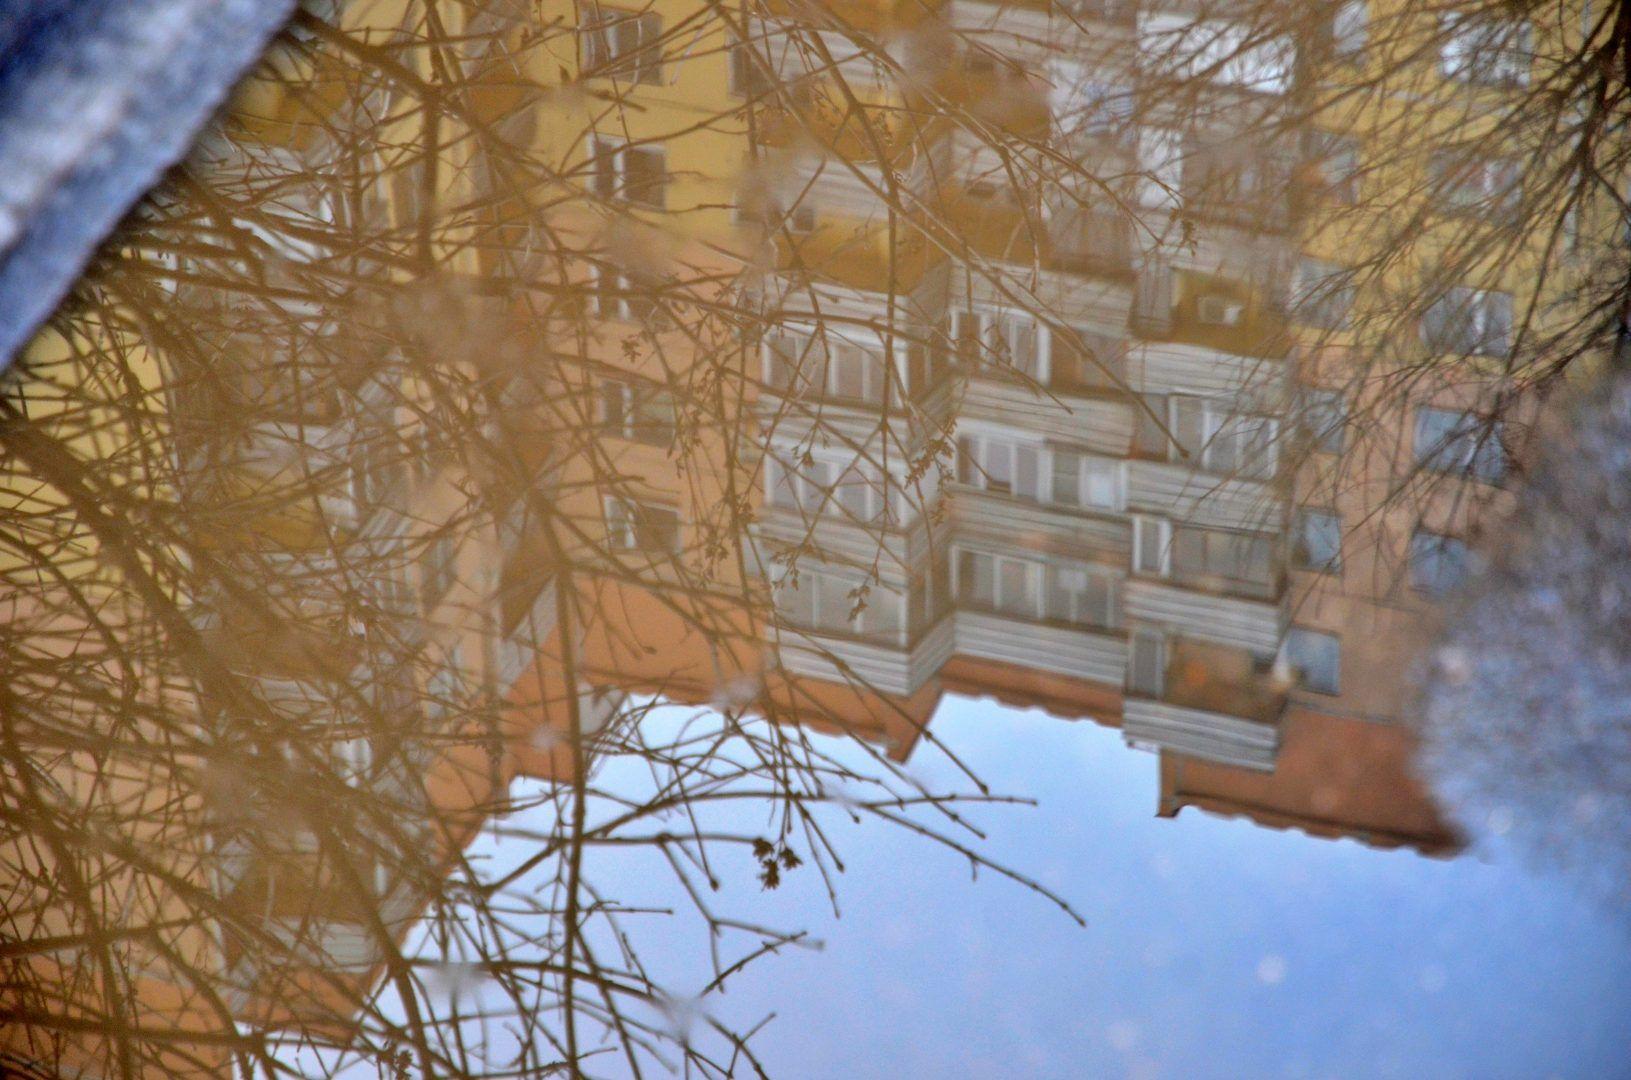 Свыше 300 тысяч «квадратов» создали в Новой Москве с начала 2019 года. Фото: Анна Быкова